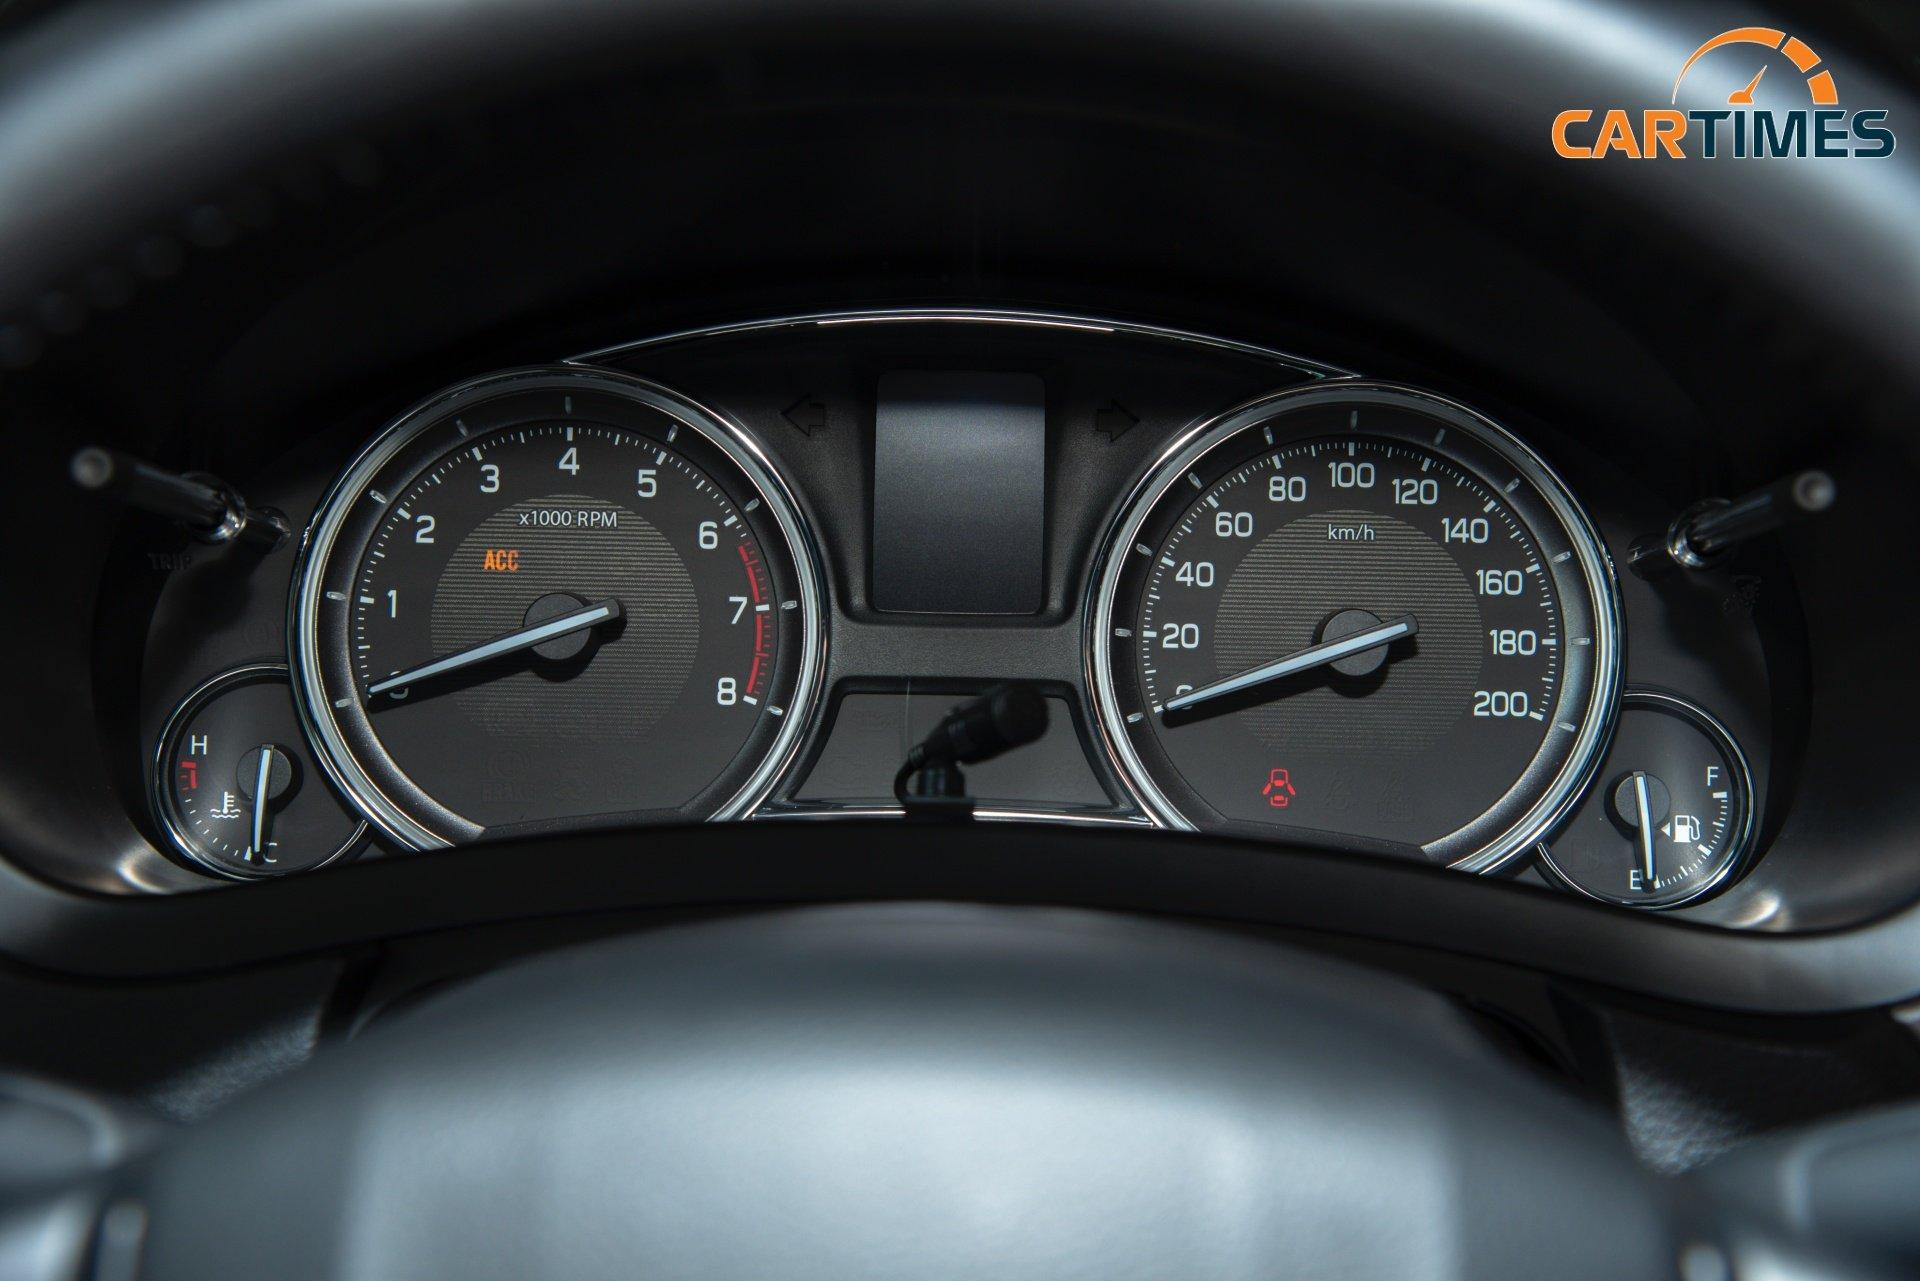 Chi tiết xe Suzuki Ciaz 2020 tại đại lý: Nâng cấp ngoại thất, tích hợp sẵn camera hành trình -14